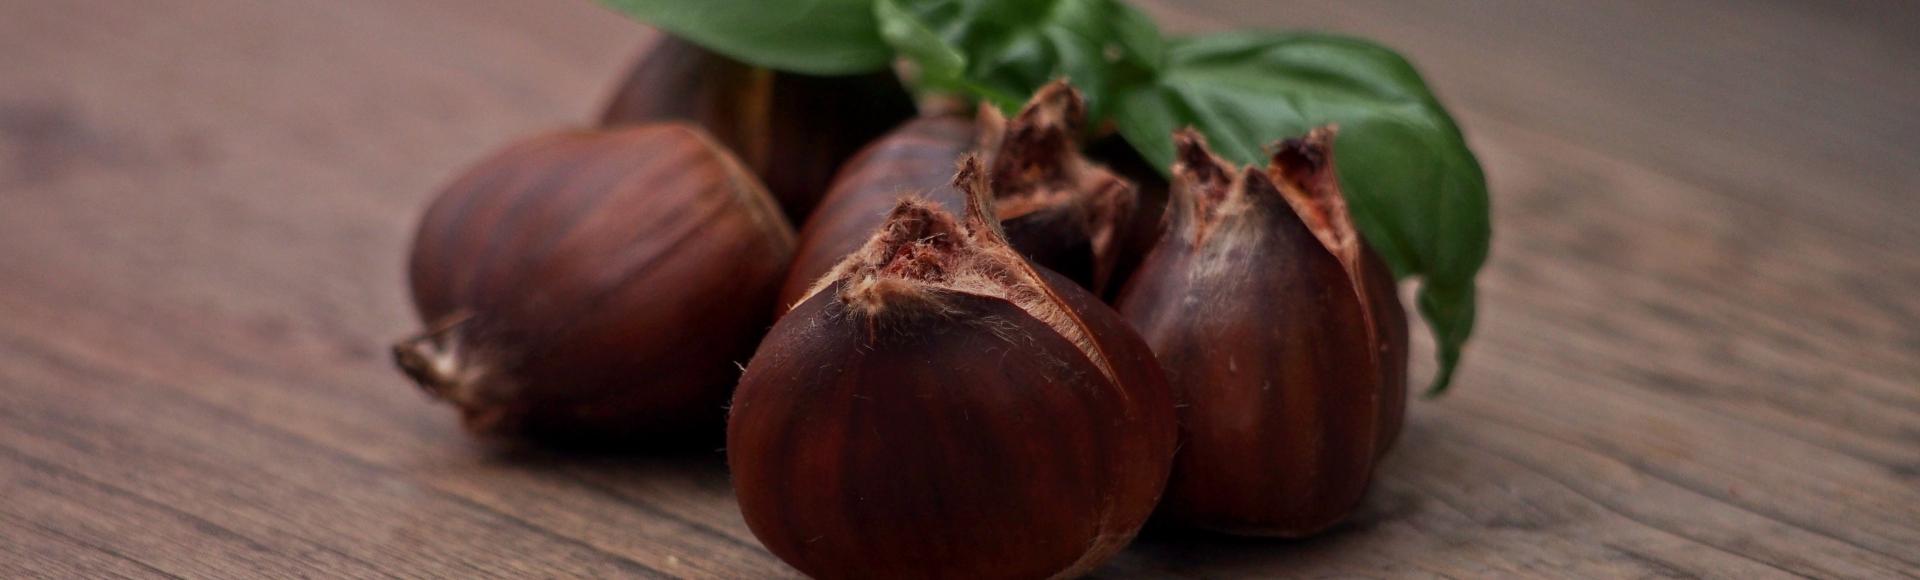 chestnut-998552